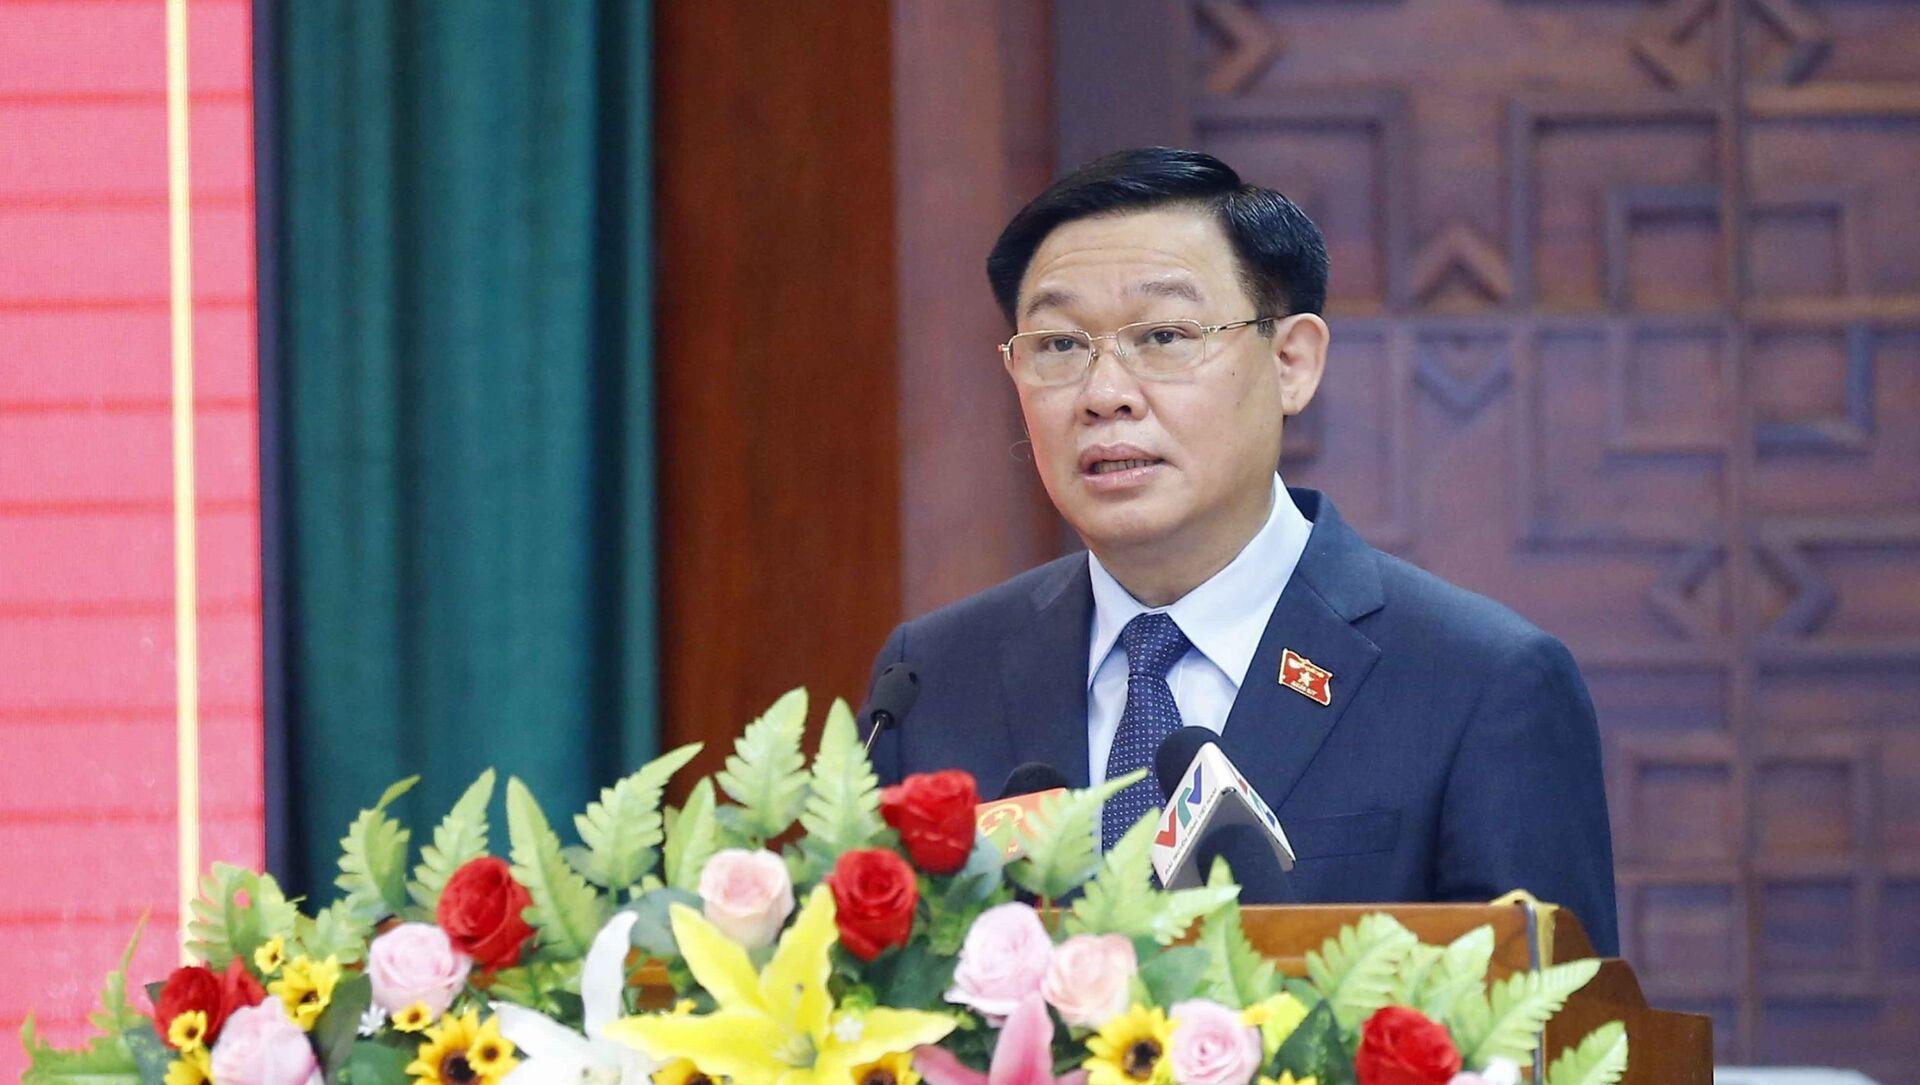 Chủ tịch Quốc hội Vương Đình Huệ phát biểu ý kiến chỉ đạo.  - Sputnik Việt Nam, 1920, 01.07.2021